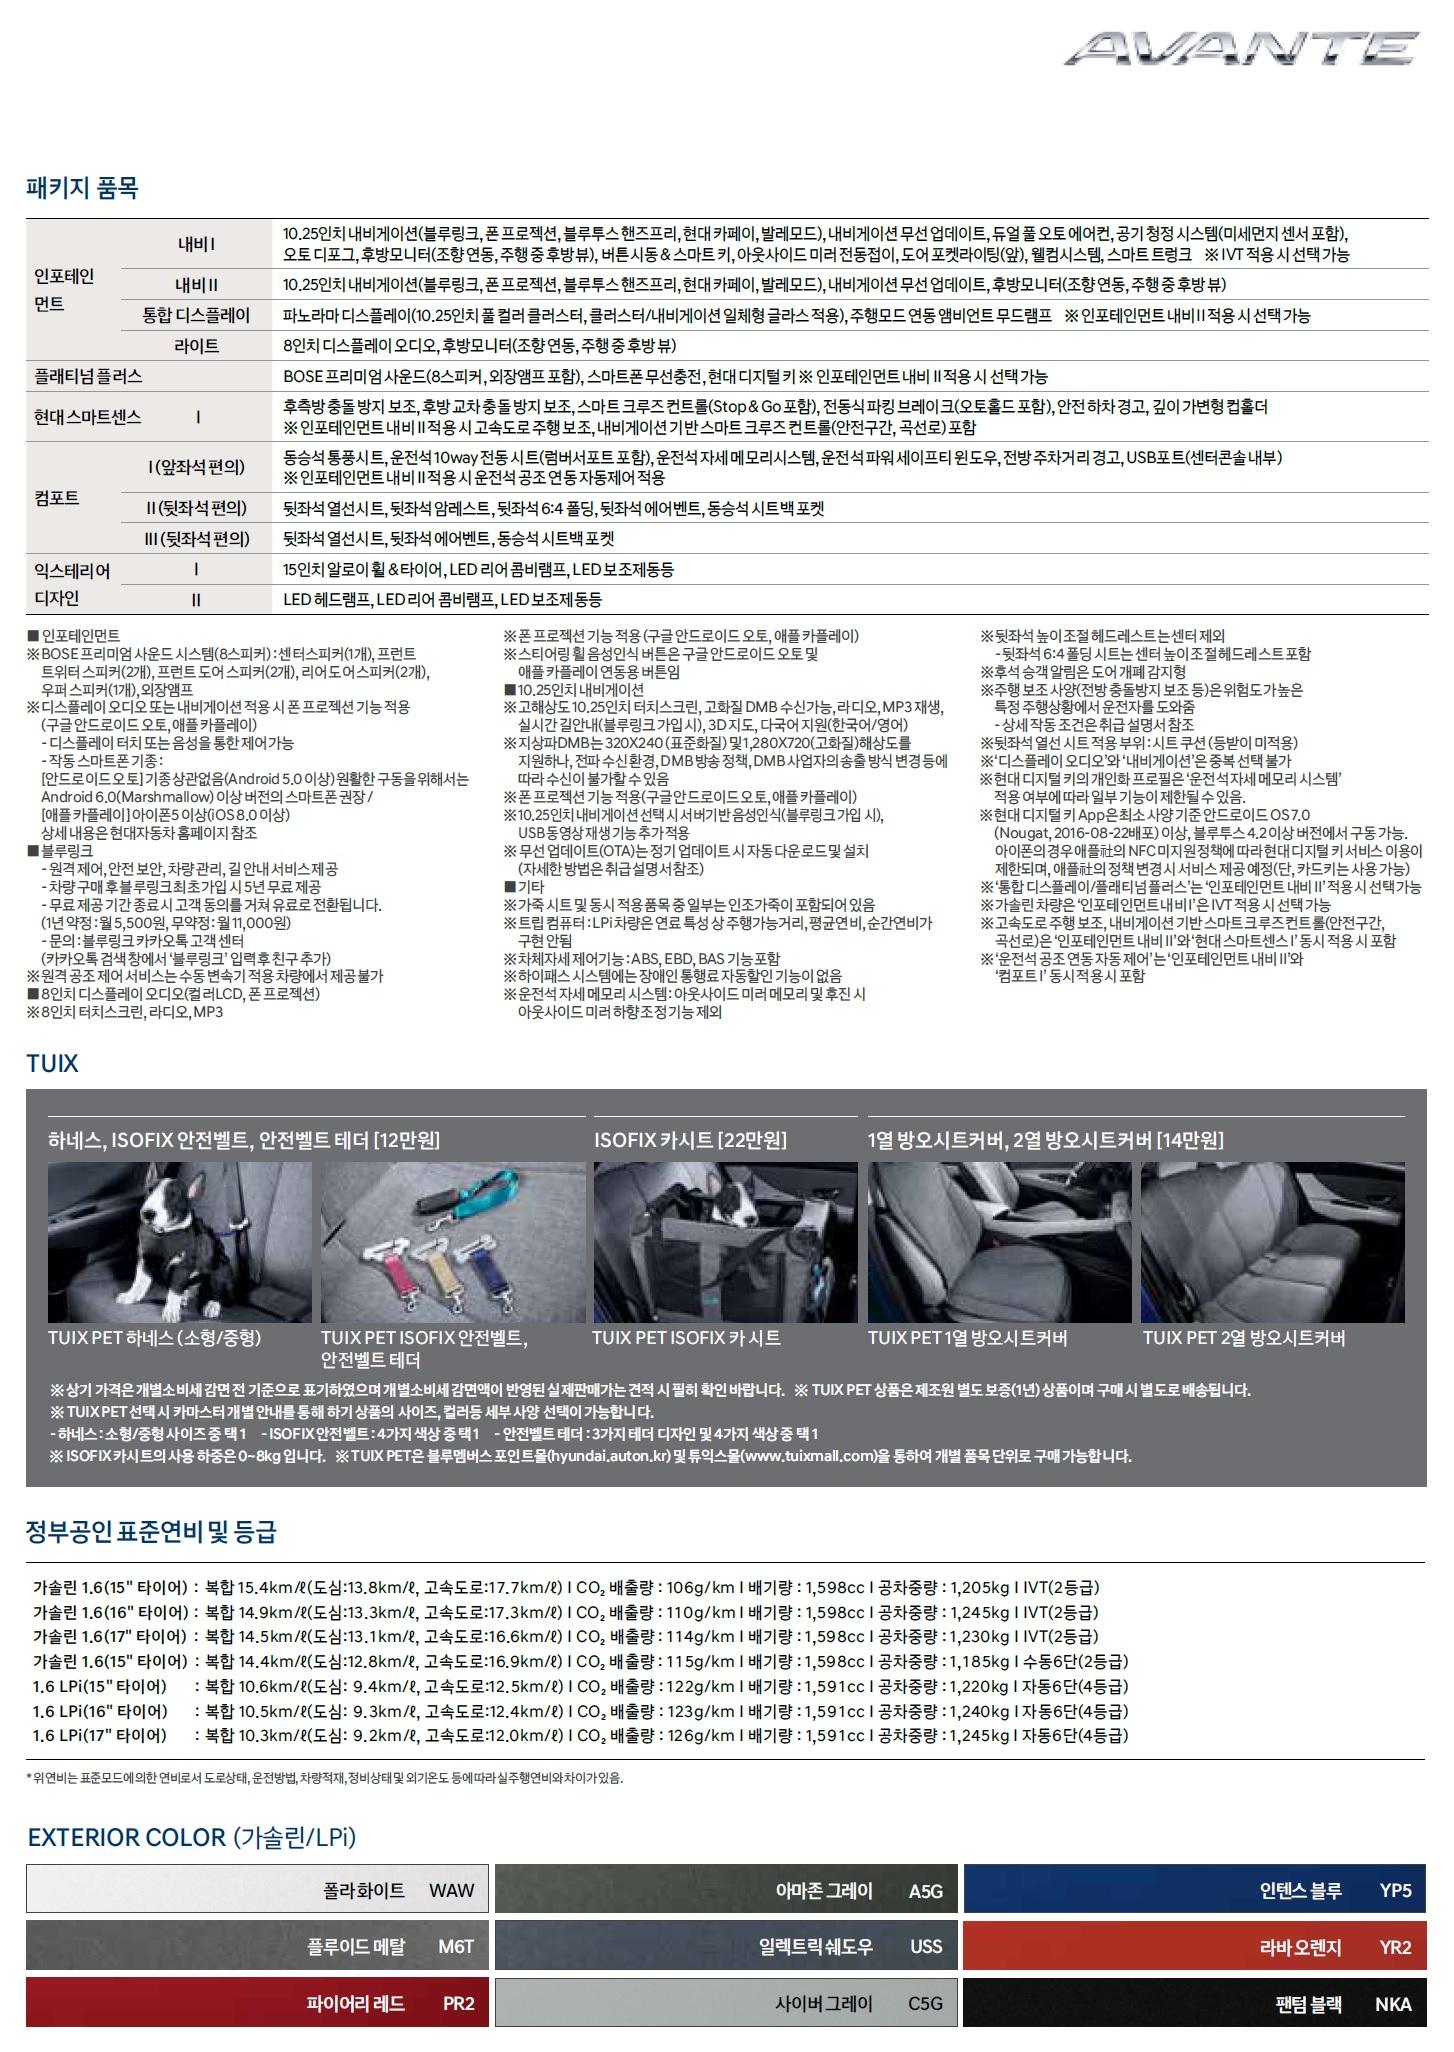 아반떼 가격표 - 2020년 04월 -2.jpg